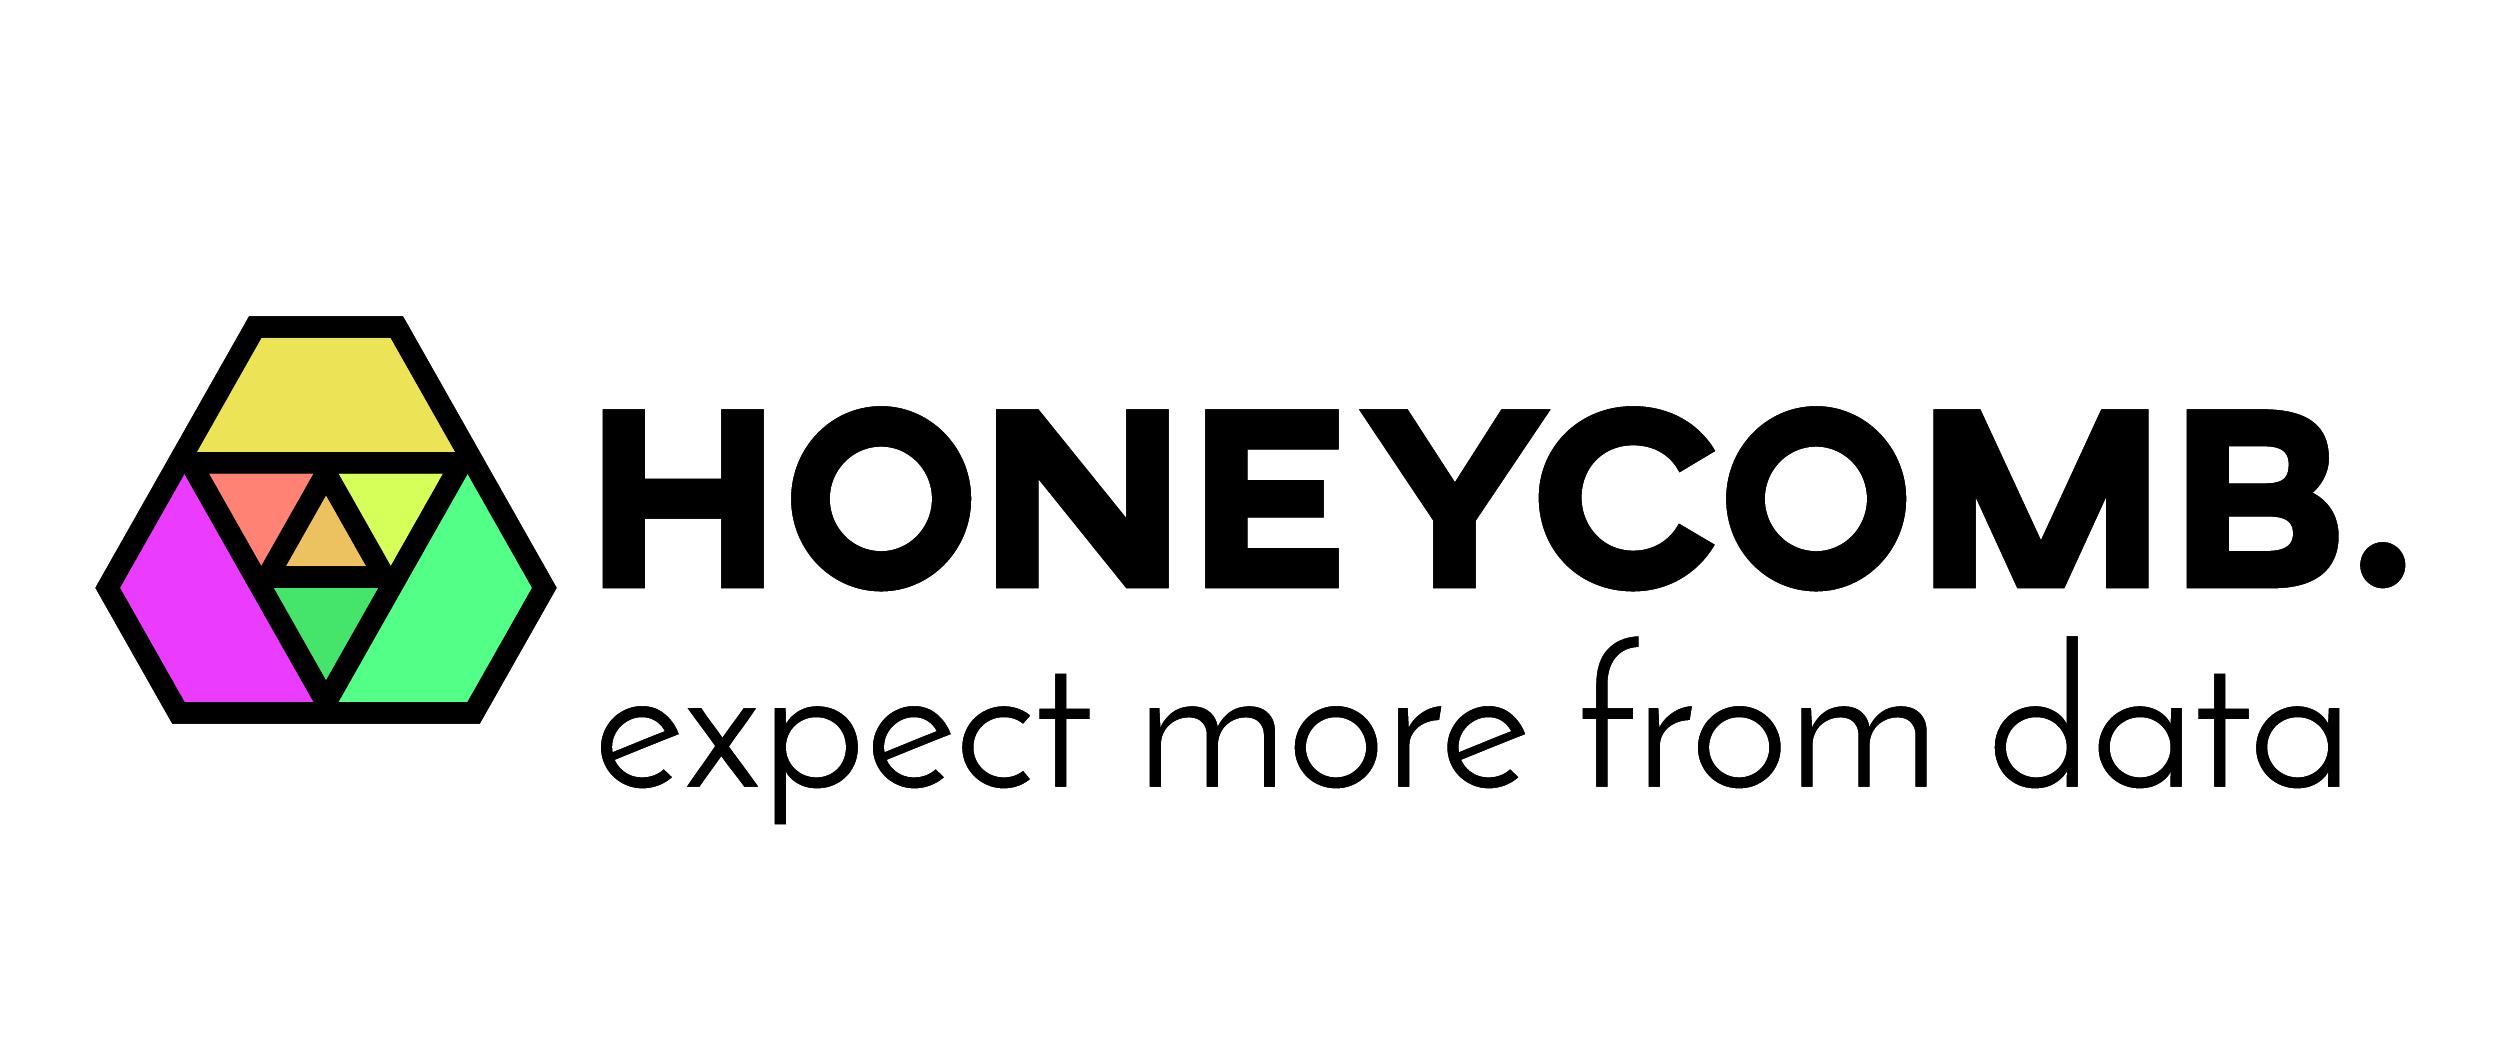 Honeycomb Analytics Company Logo